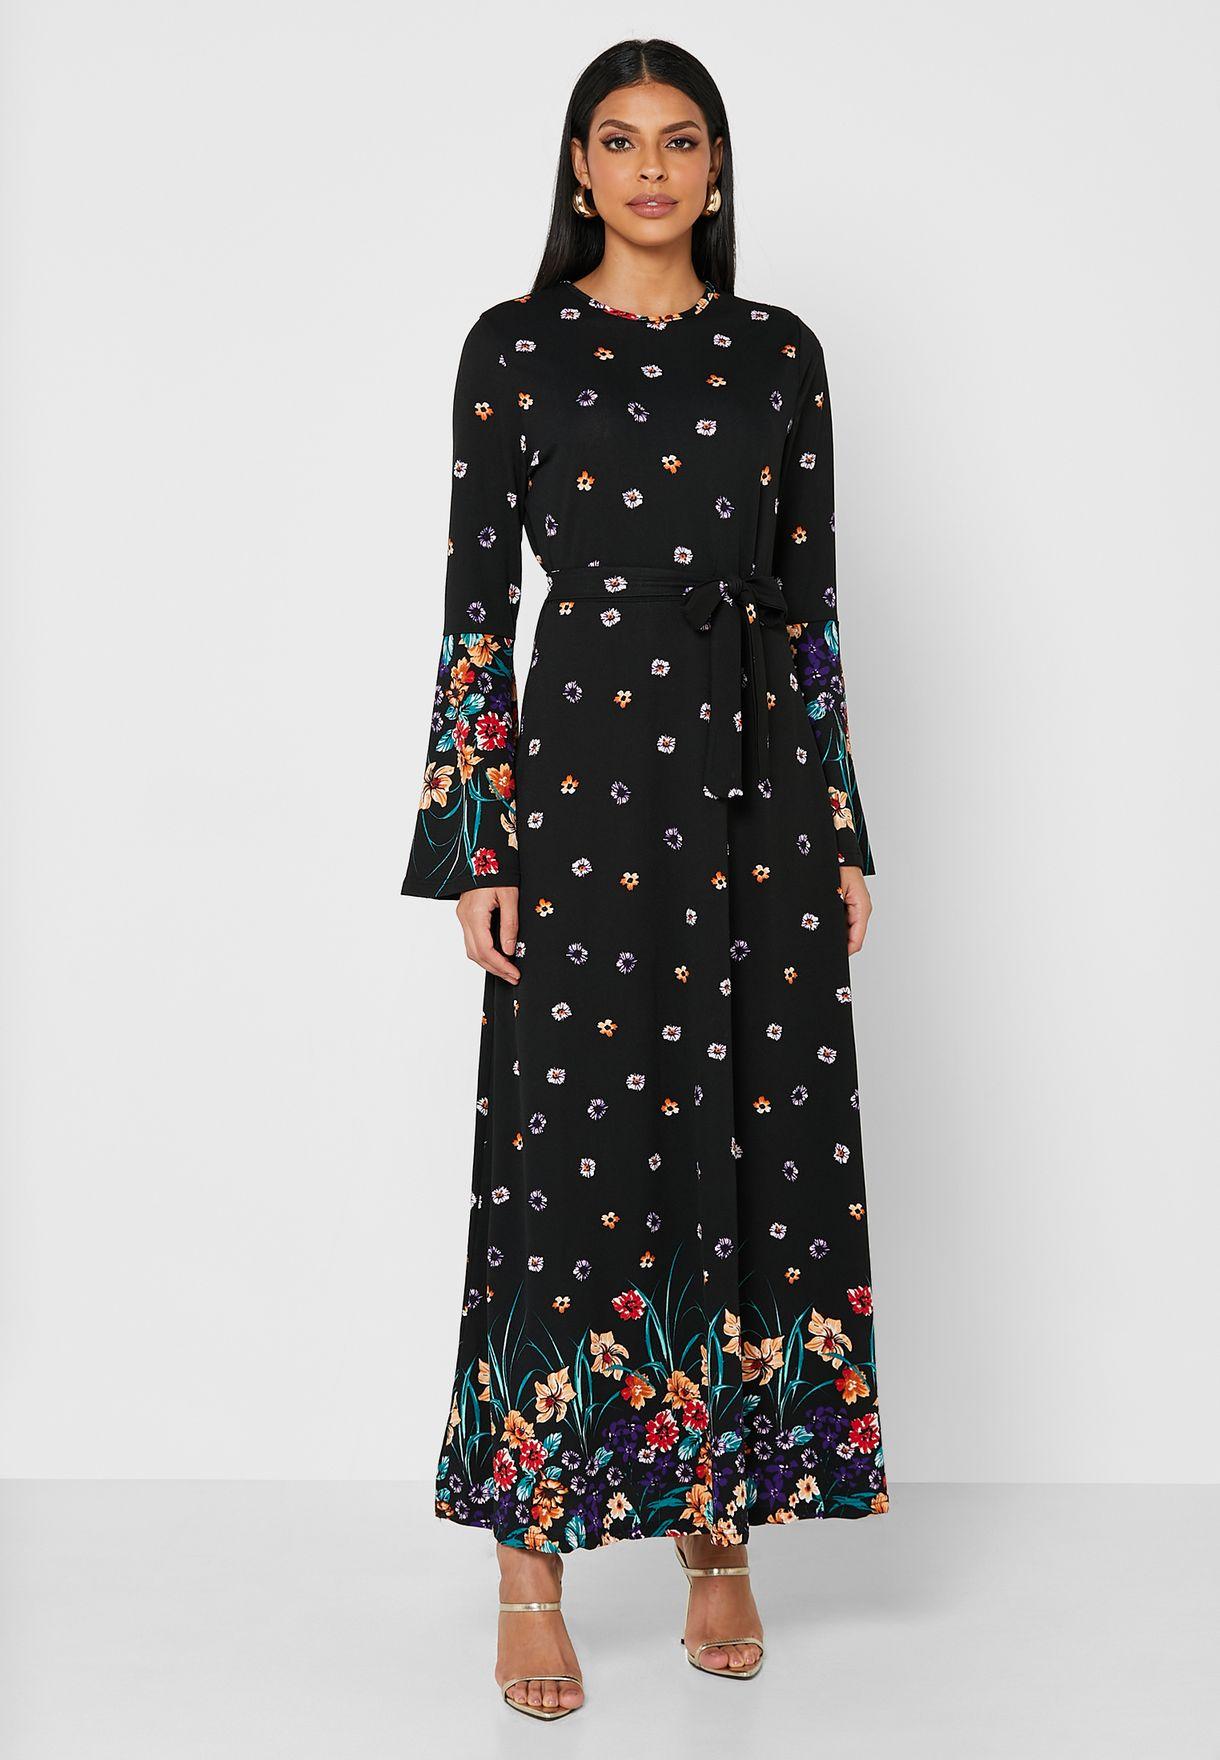 Wide Sleeves Floral Print Dress